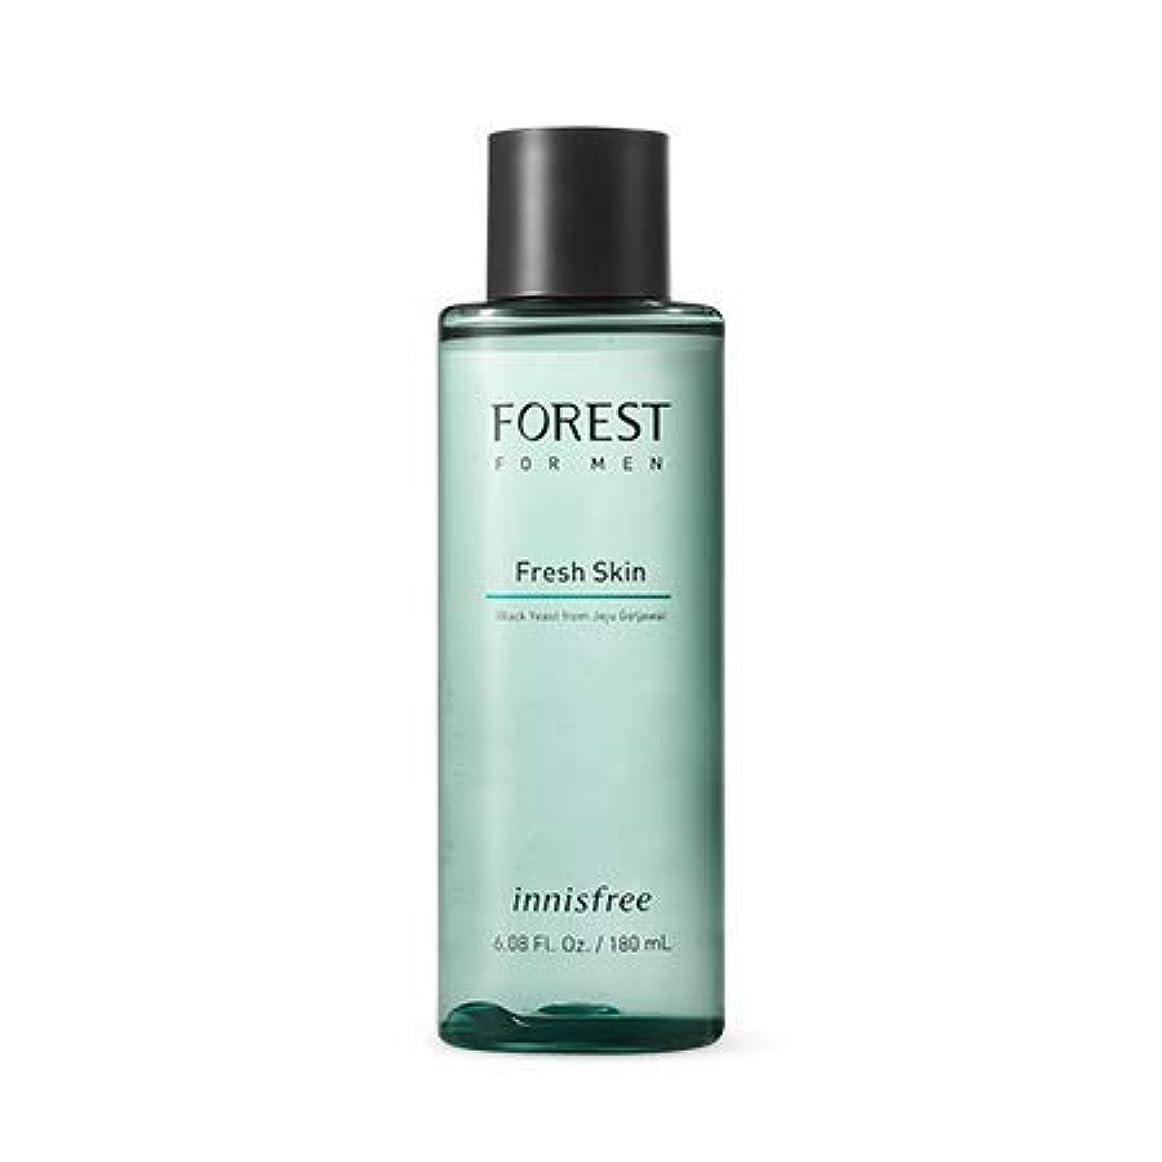 運河歩く磁石[イニスフリー]フォレストフォアマンフレッシュスキン180mL(2019.05 new)Forest for Men Fresh Skin